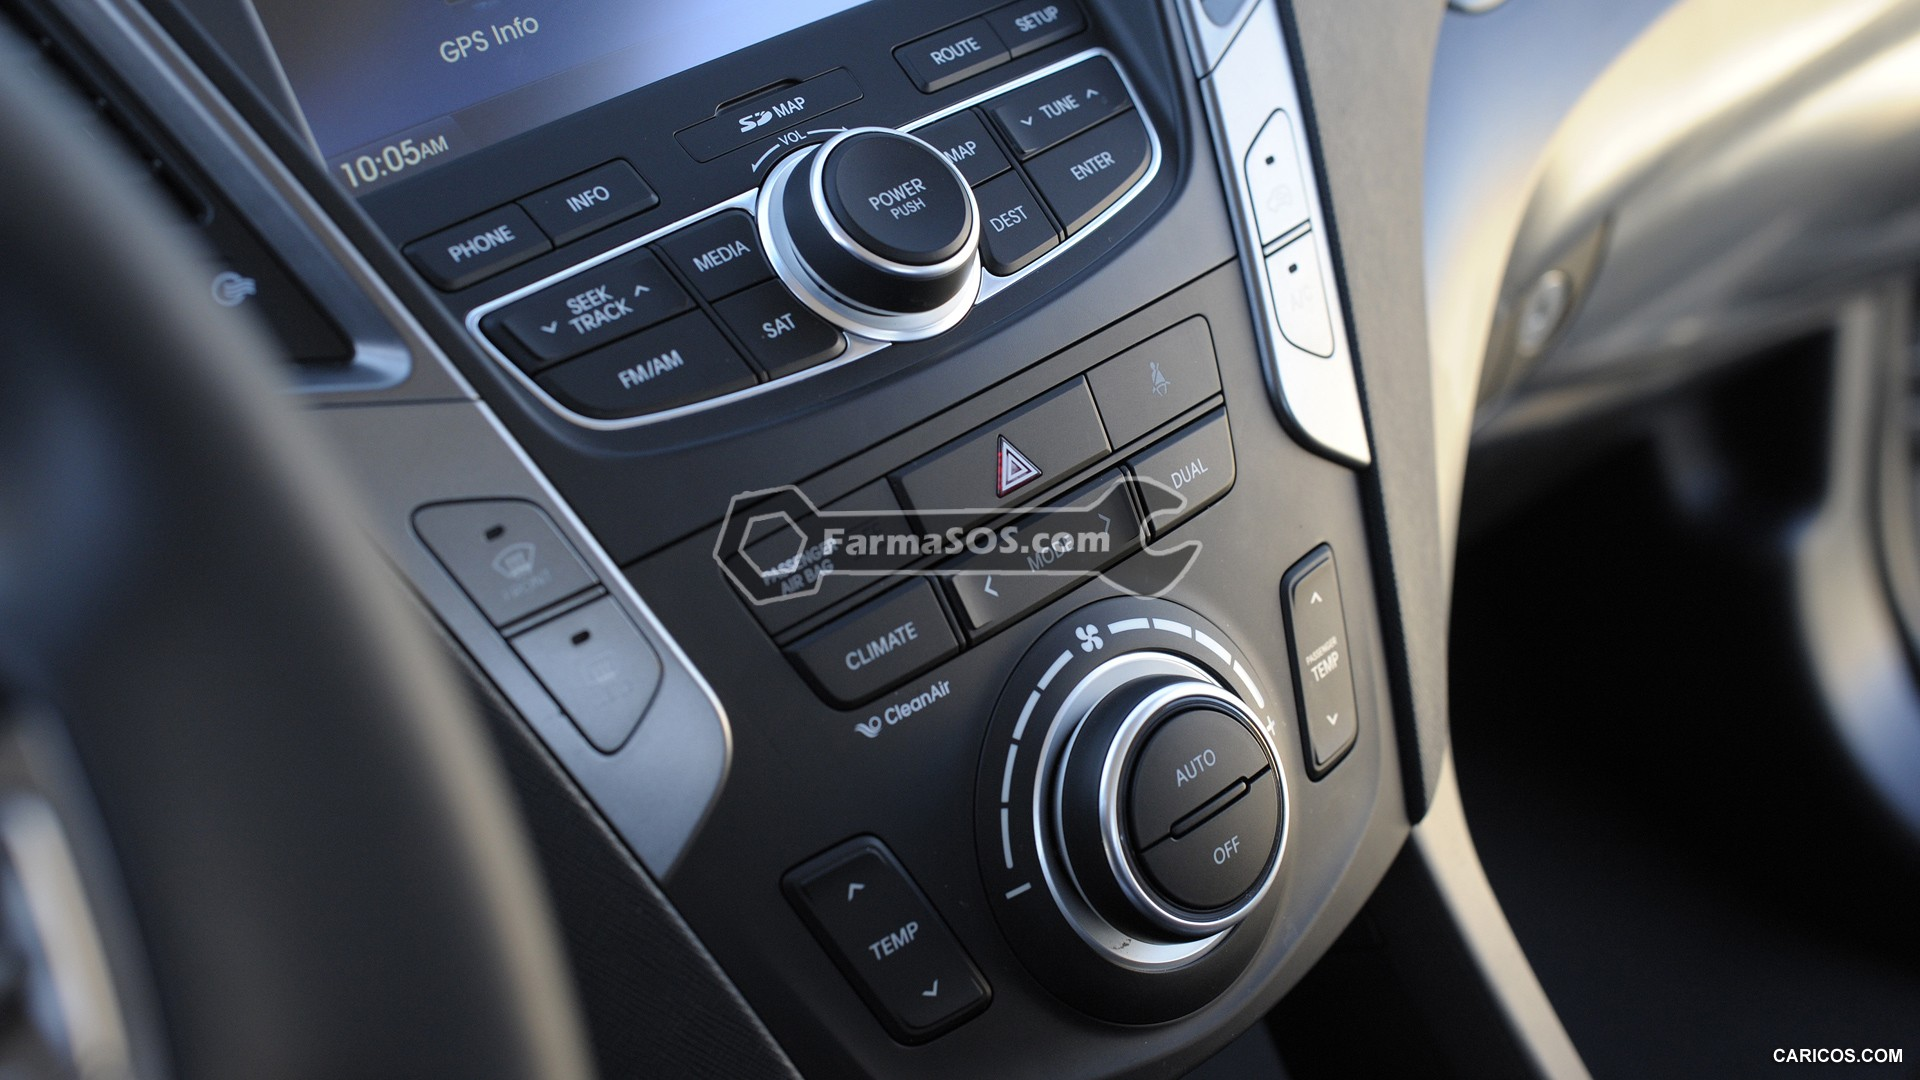 Hyundai Santafe 2013 2017 7 تصاویر هیوندای سانتافه مدل 2013 تا 2017